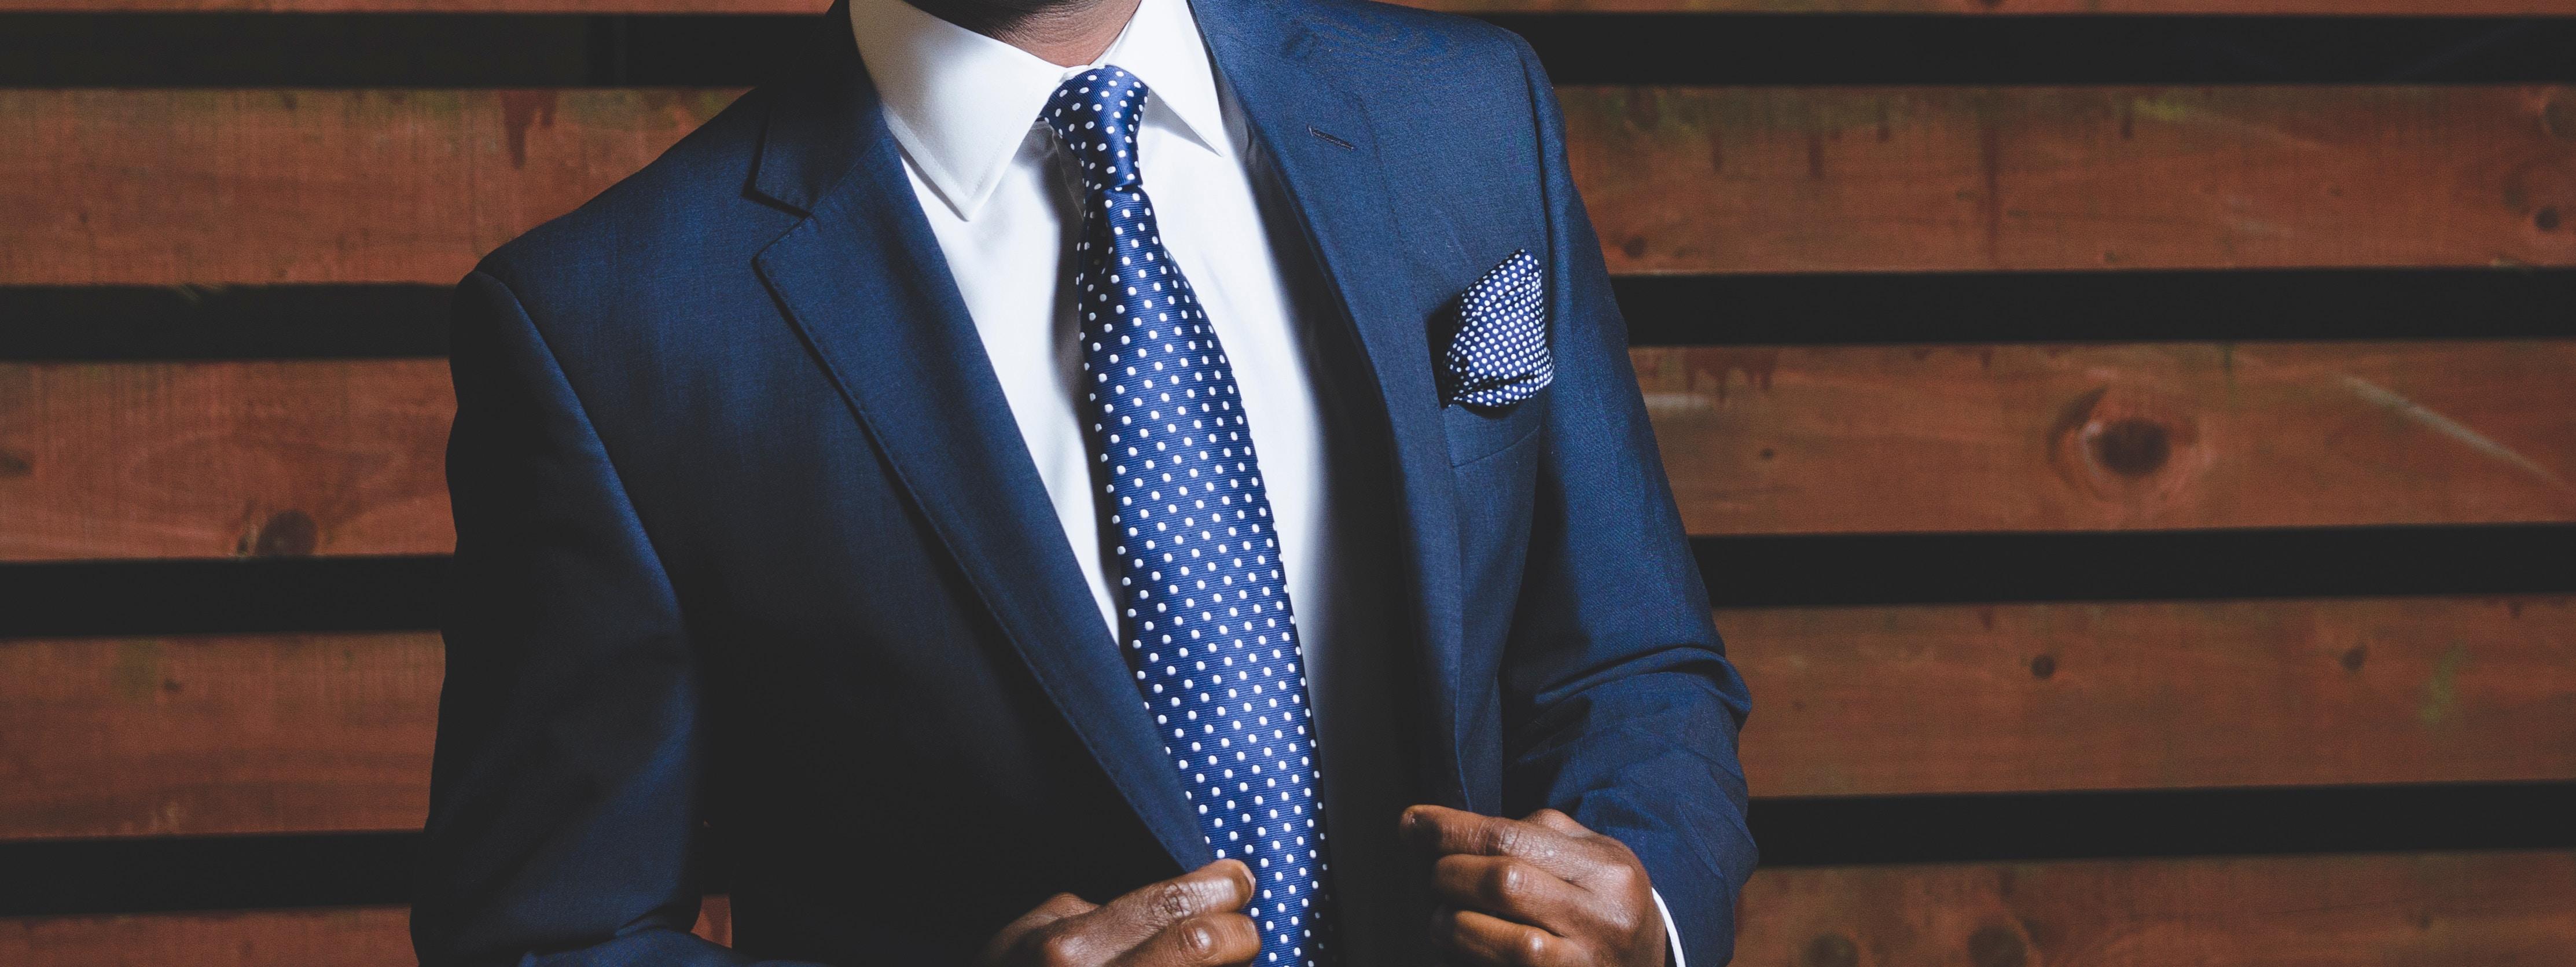 男のスーツ写真